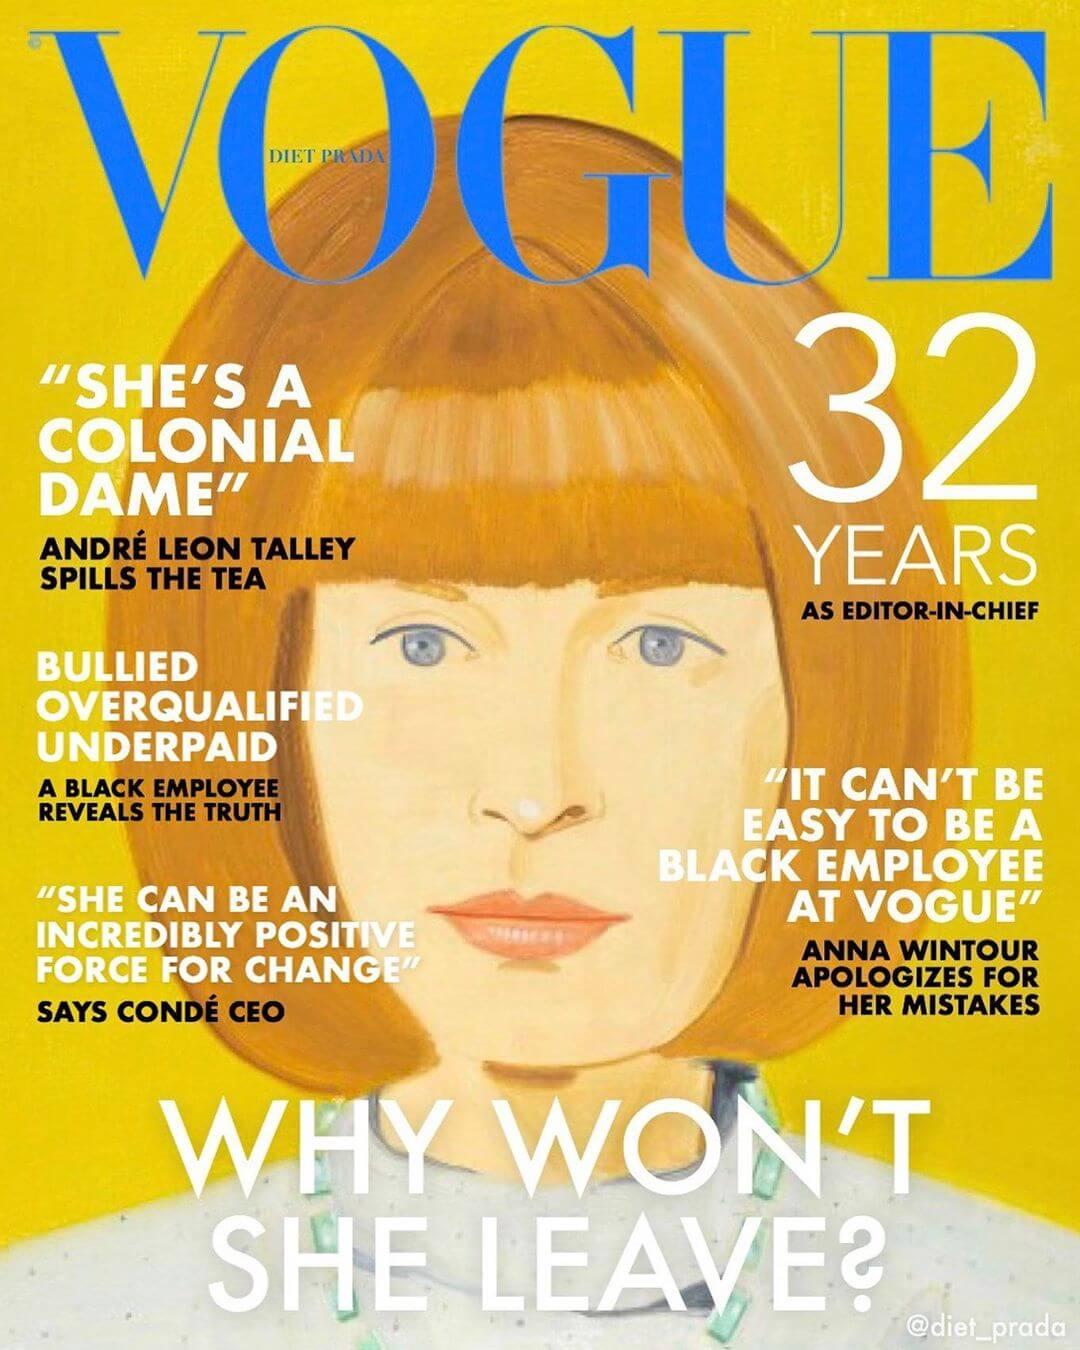 時裝警察@diet_prada「二創」《Vogue》雜誌封面,諷刺Anna Wintour是「殖民女公爵」。